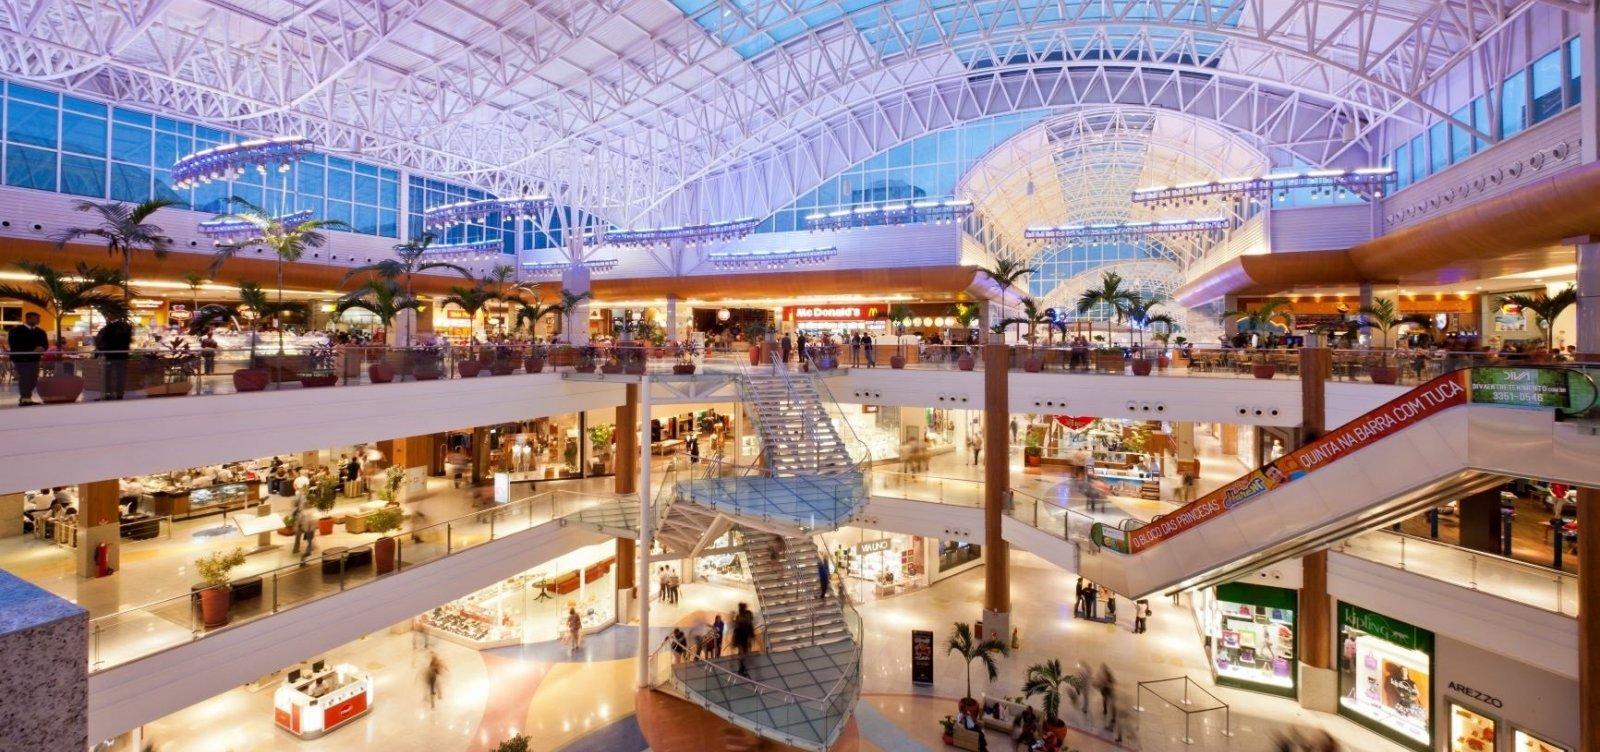 Black Friday: Shoppings abrem mais cedo na próxima sexta-feira